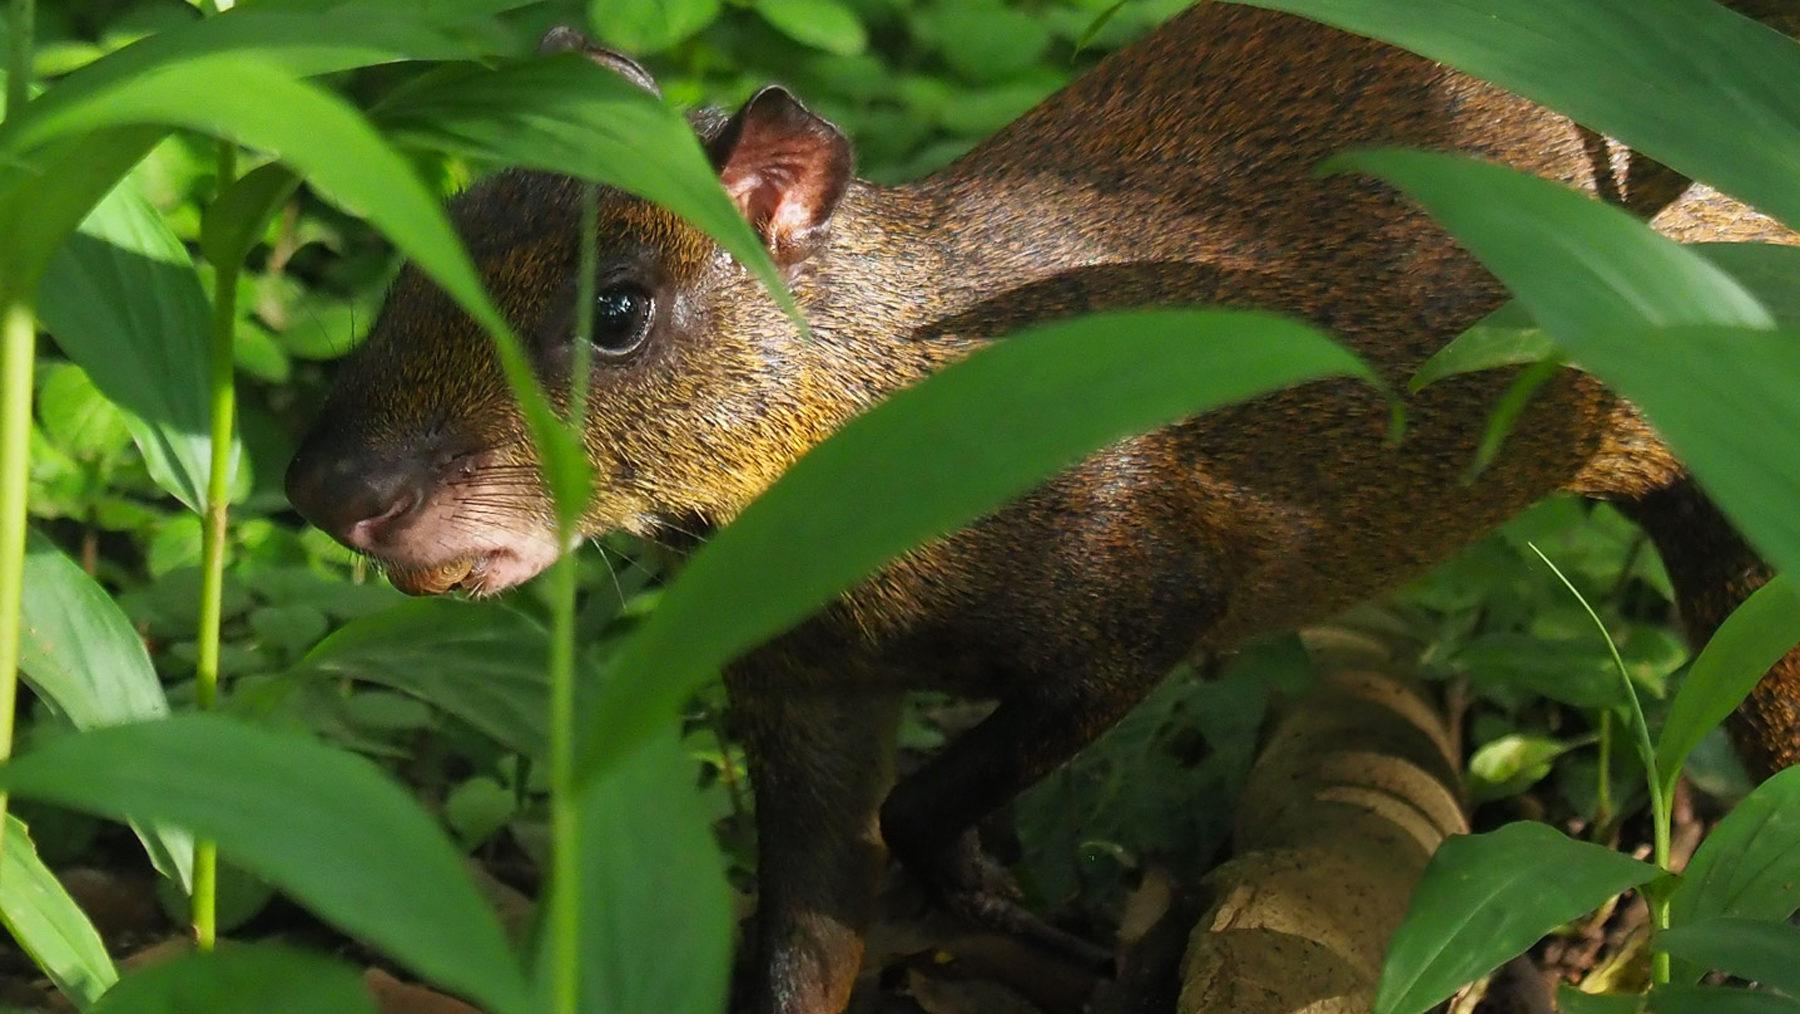 Wenn was im Gebüsch raschelt, dann ist es meistens ein Aguti, ein kleines Nagetier